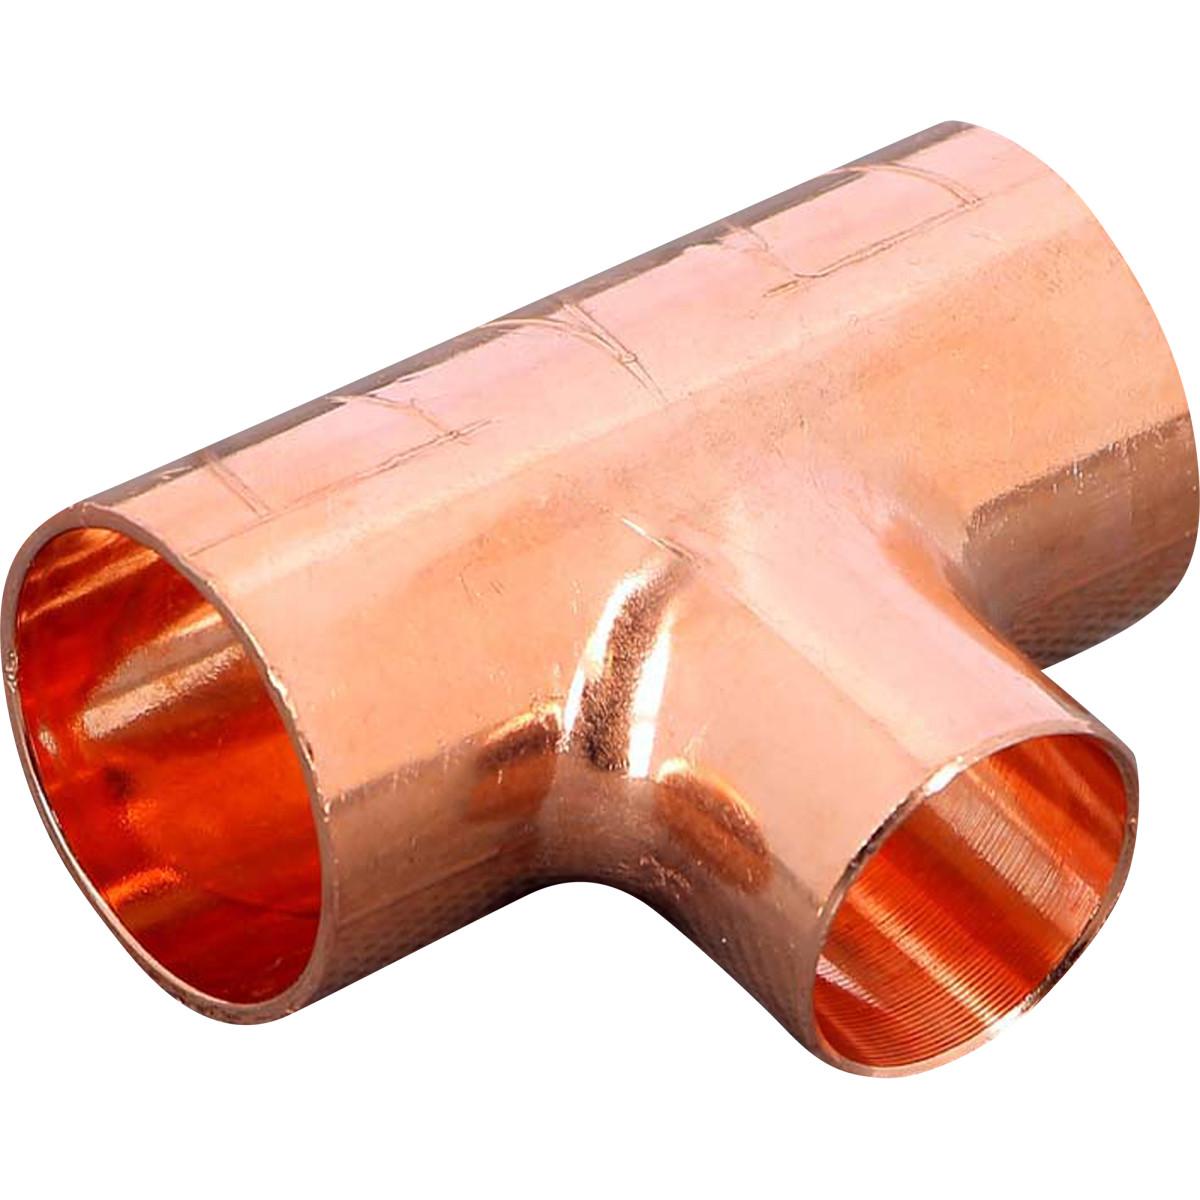 Тройник пайка Viega 28x22x28 мм медь